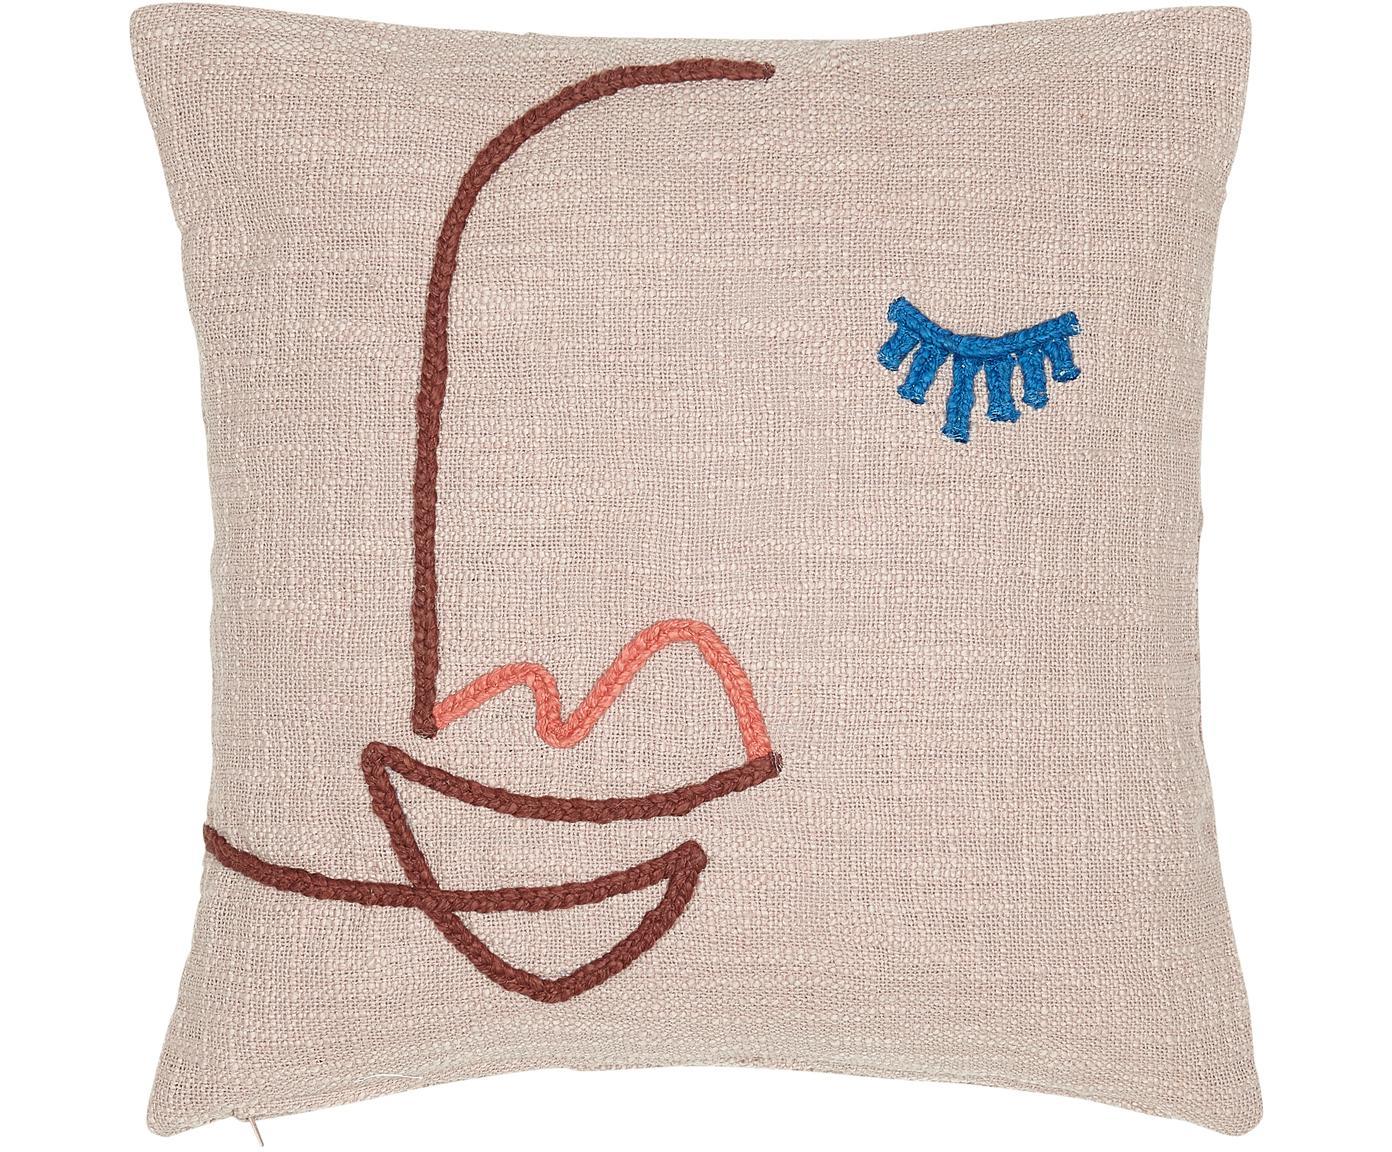 Funda de cojín bordada de algodón ecológico Faces, Algodón ecológico, Rosa, rojo oscuro, azul, An 45 x L 45 cm